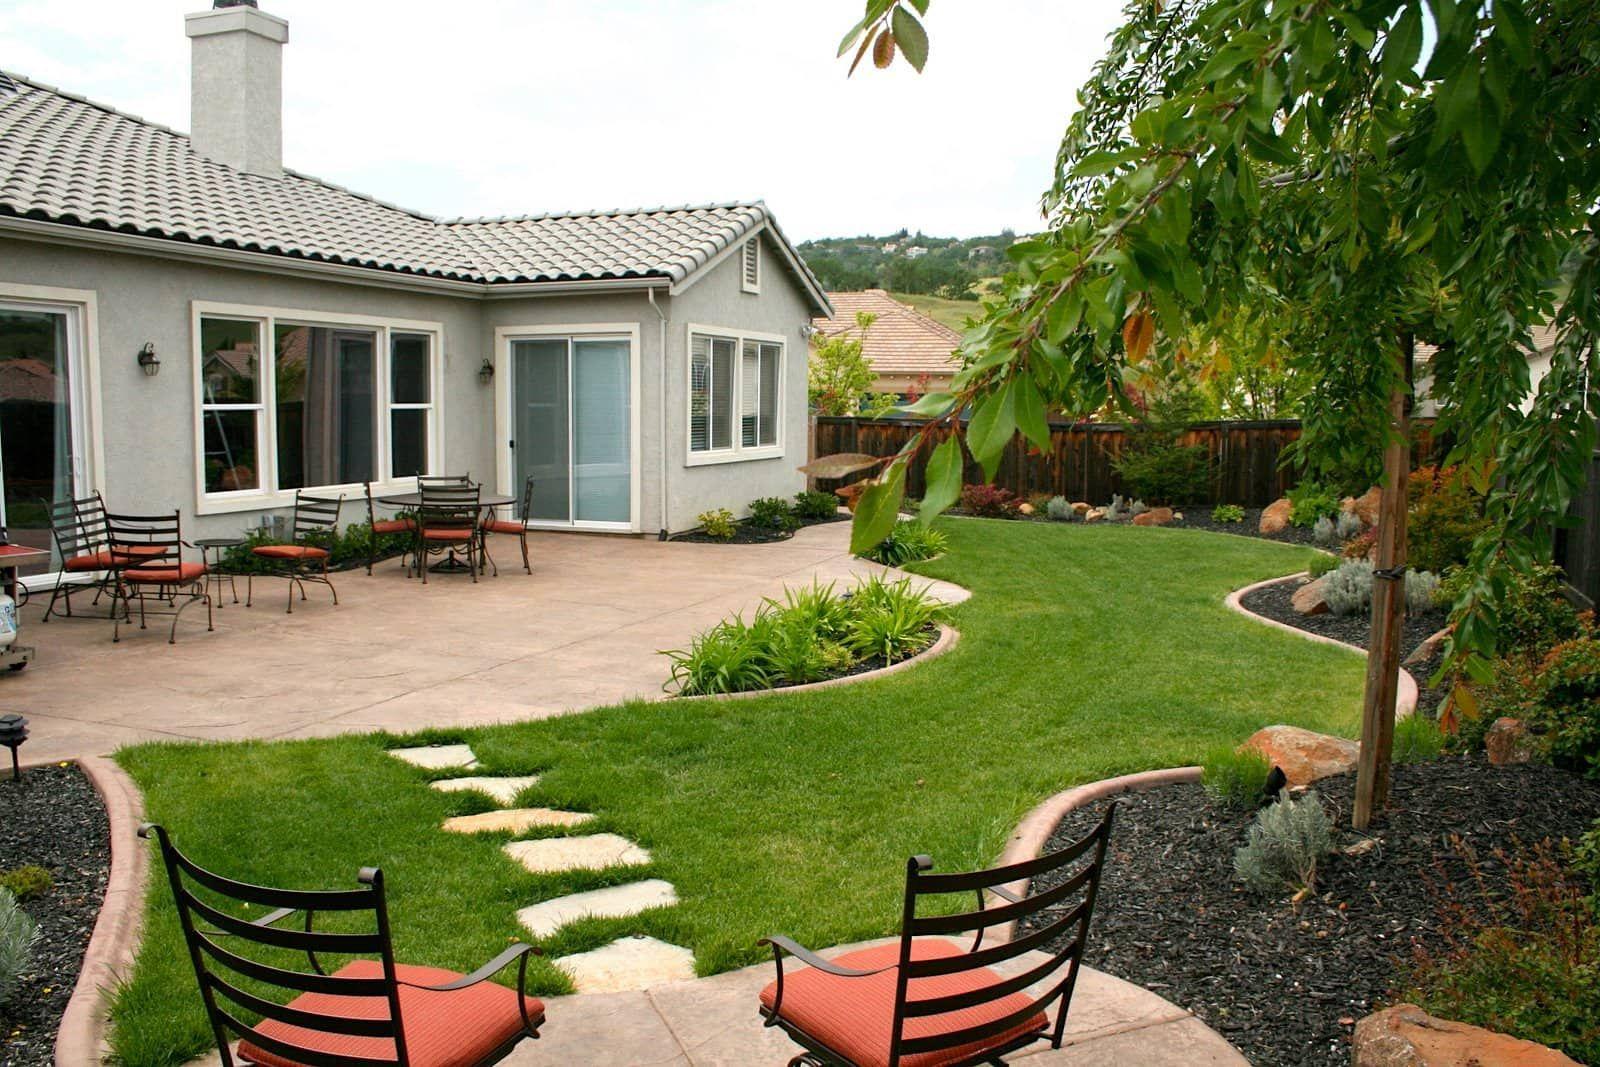 многих дизайн двора в частном доме фото раму заберёт